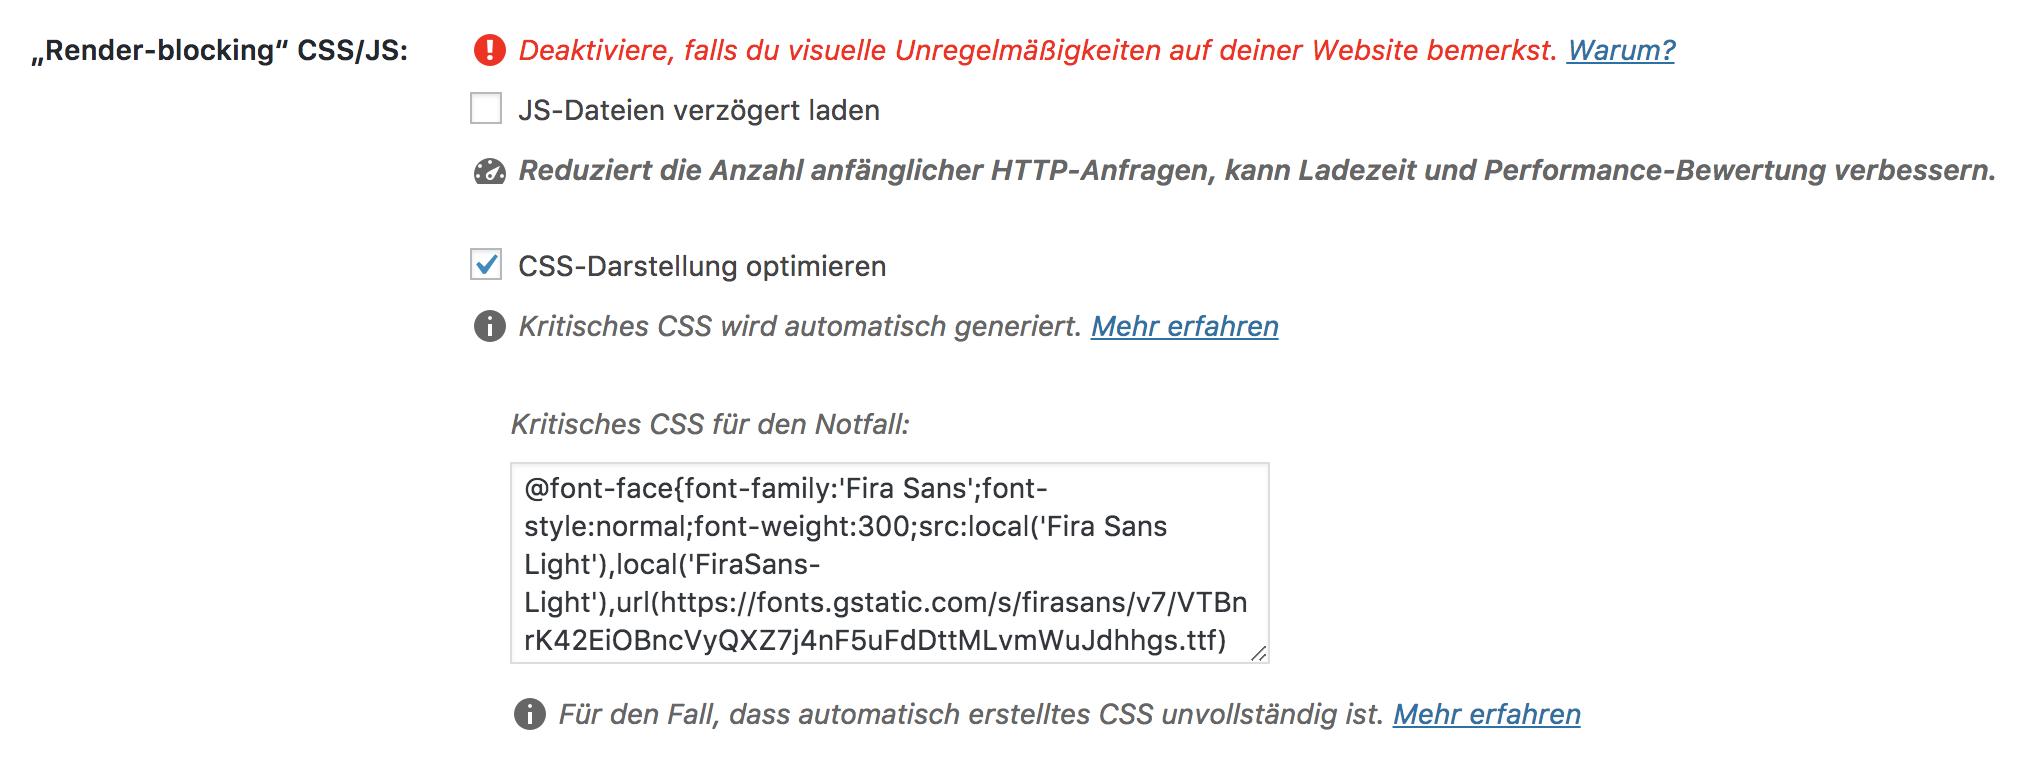 Textfeld mit Fallback-CSS